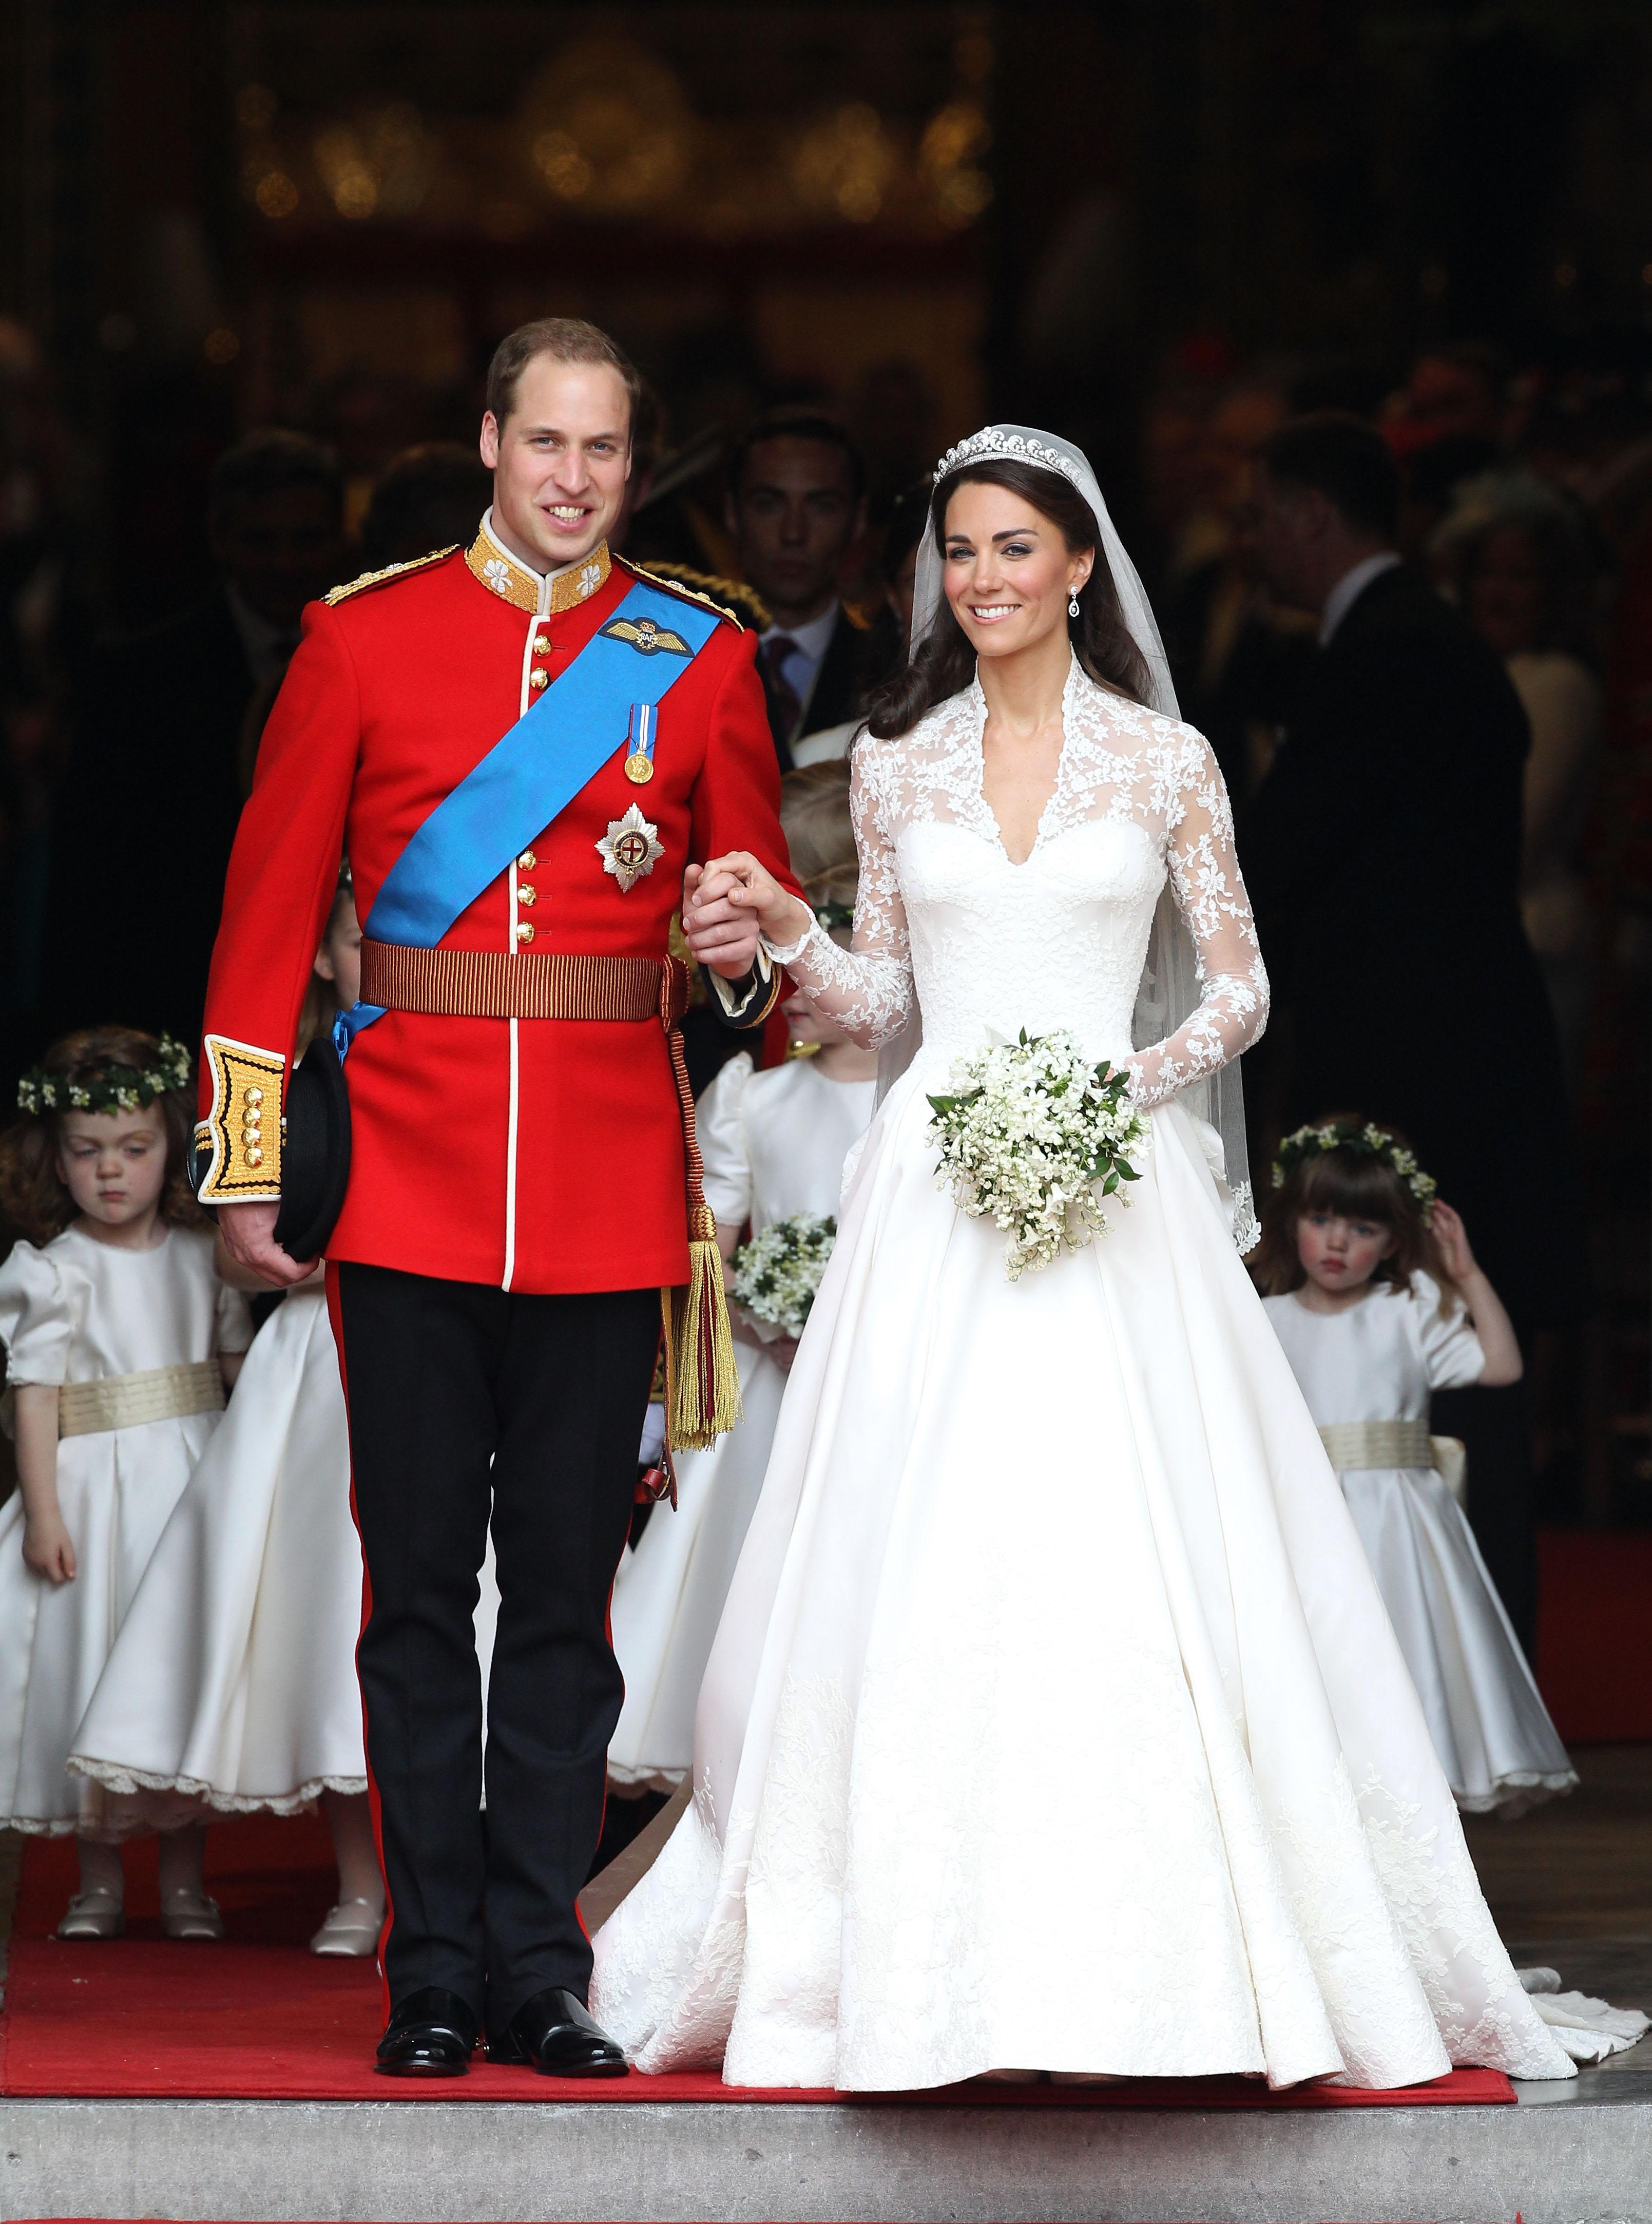 החתונה המלכותית של הנסיך וויליאם וקייט מידלטון ב-2011 | צילום: Gettyimages